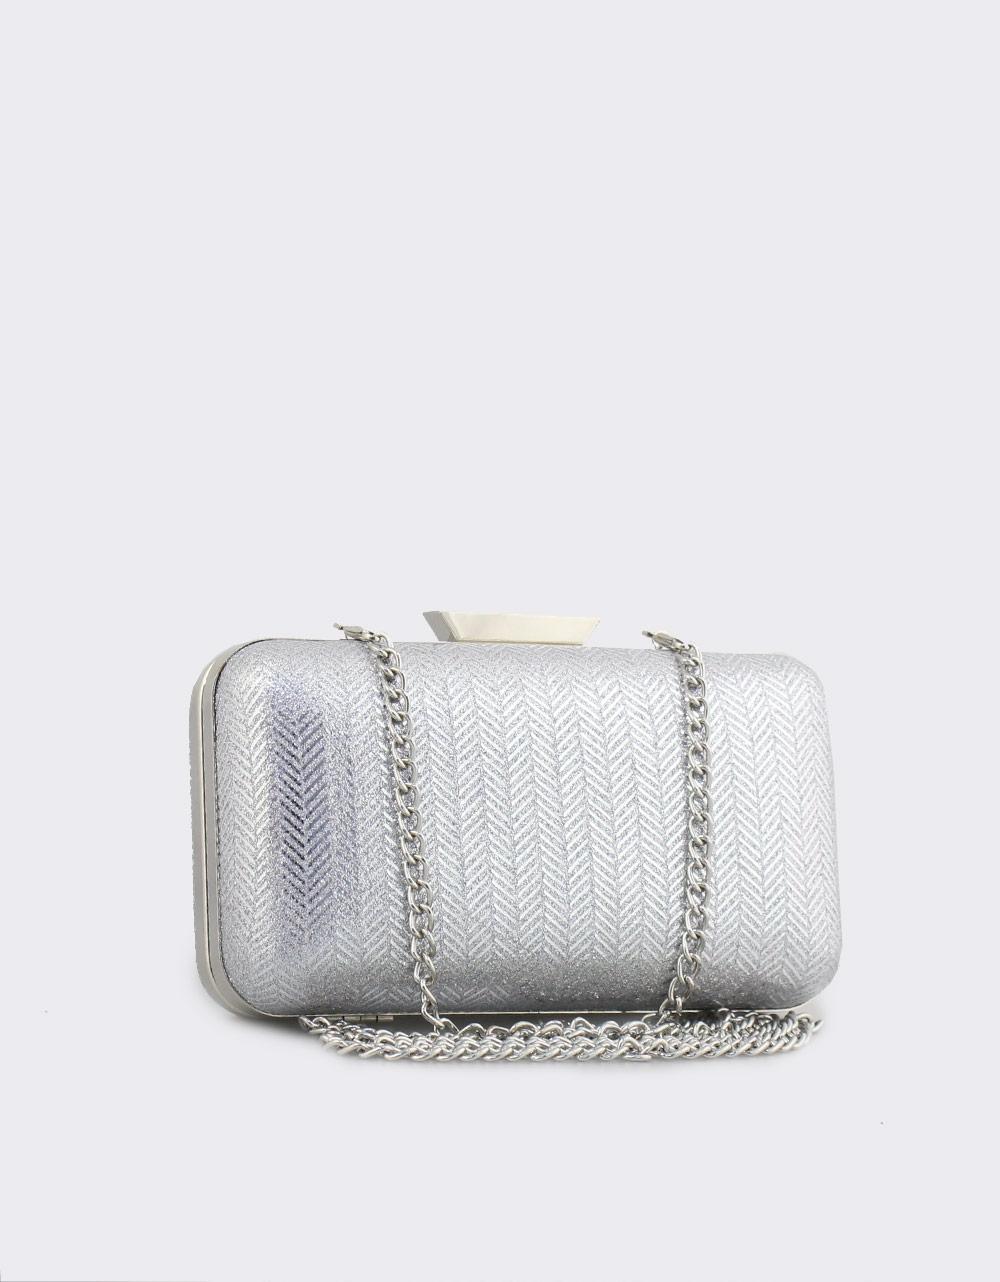 Εικόνα από Γυναικείοι φάκελοι clutch με μοτίβο και χρυσόσκονη Ασημί